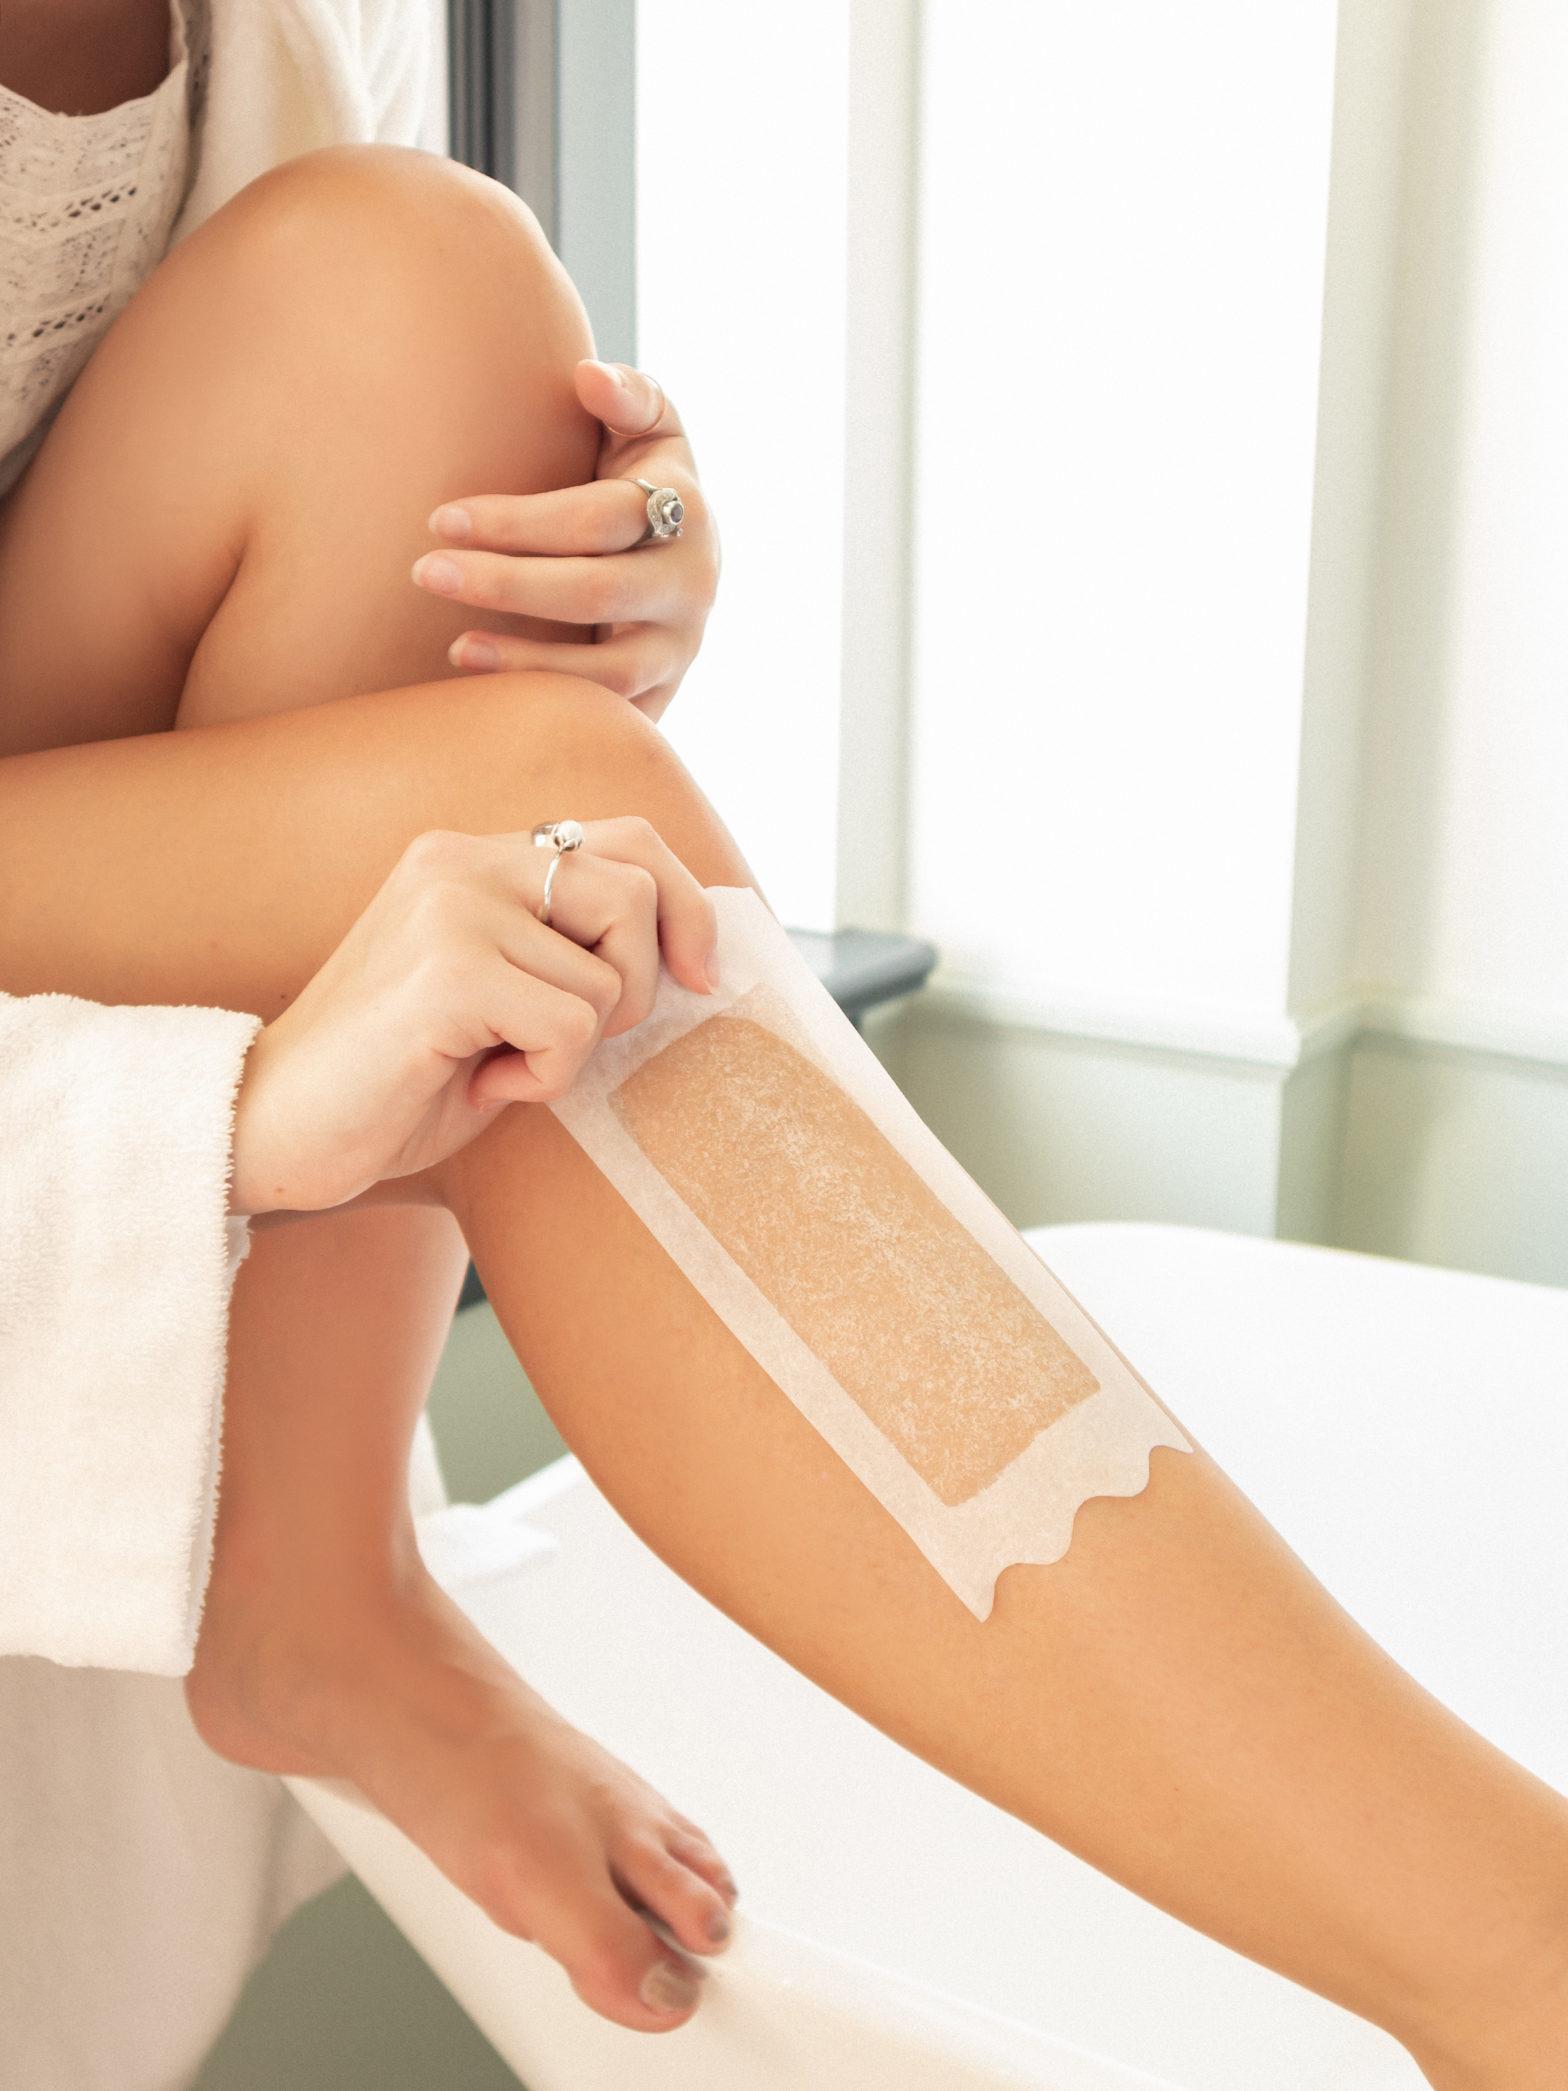 Phương pháp Wax lông chân